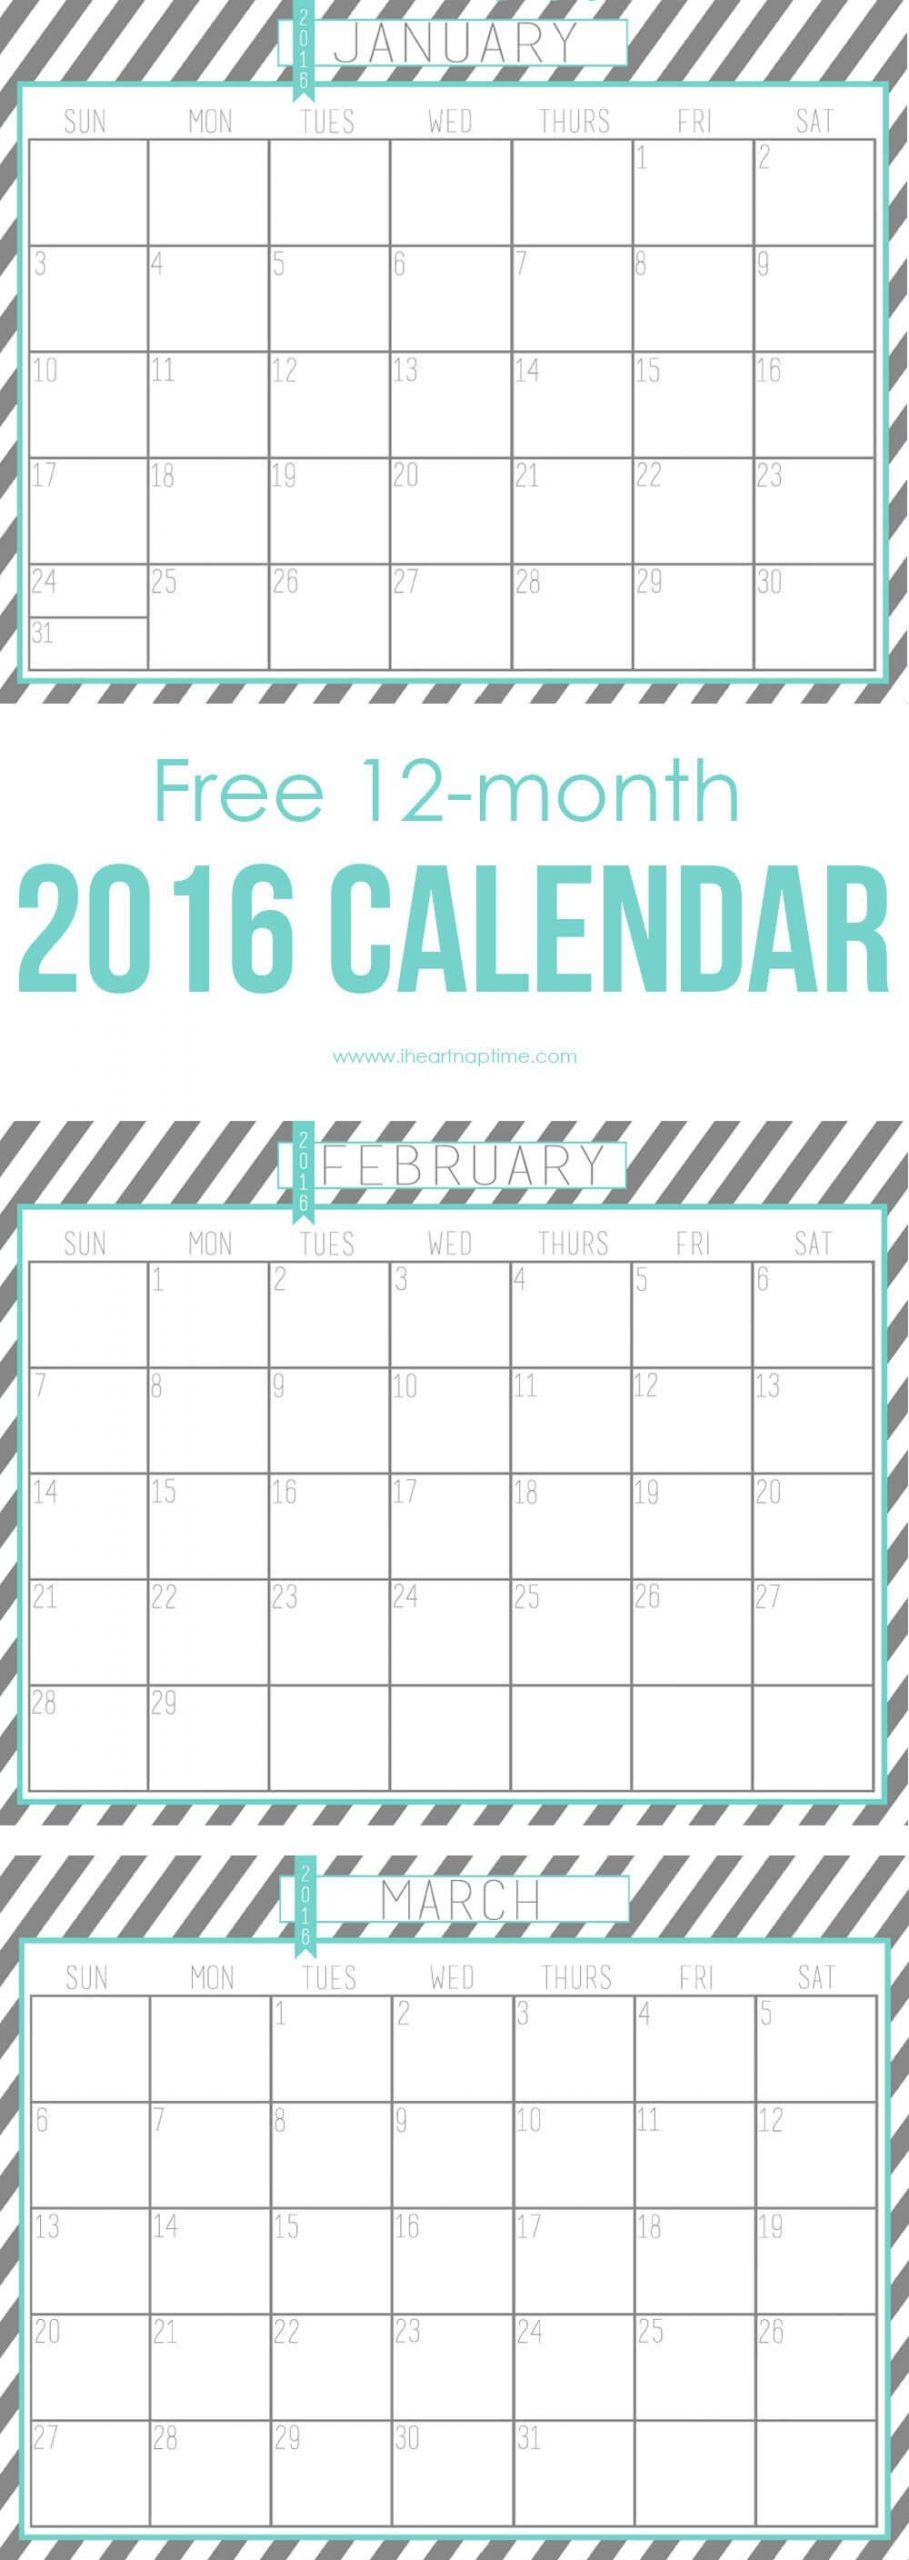 2016 Free Printable Calendar – I Heart Nap Time Printable 2016 Calendar With Notes